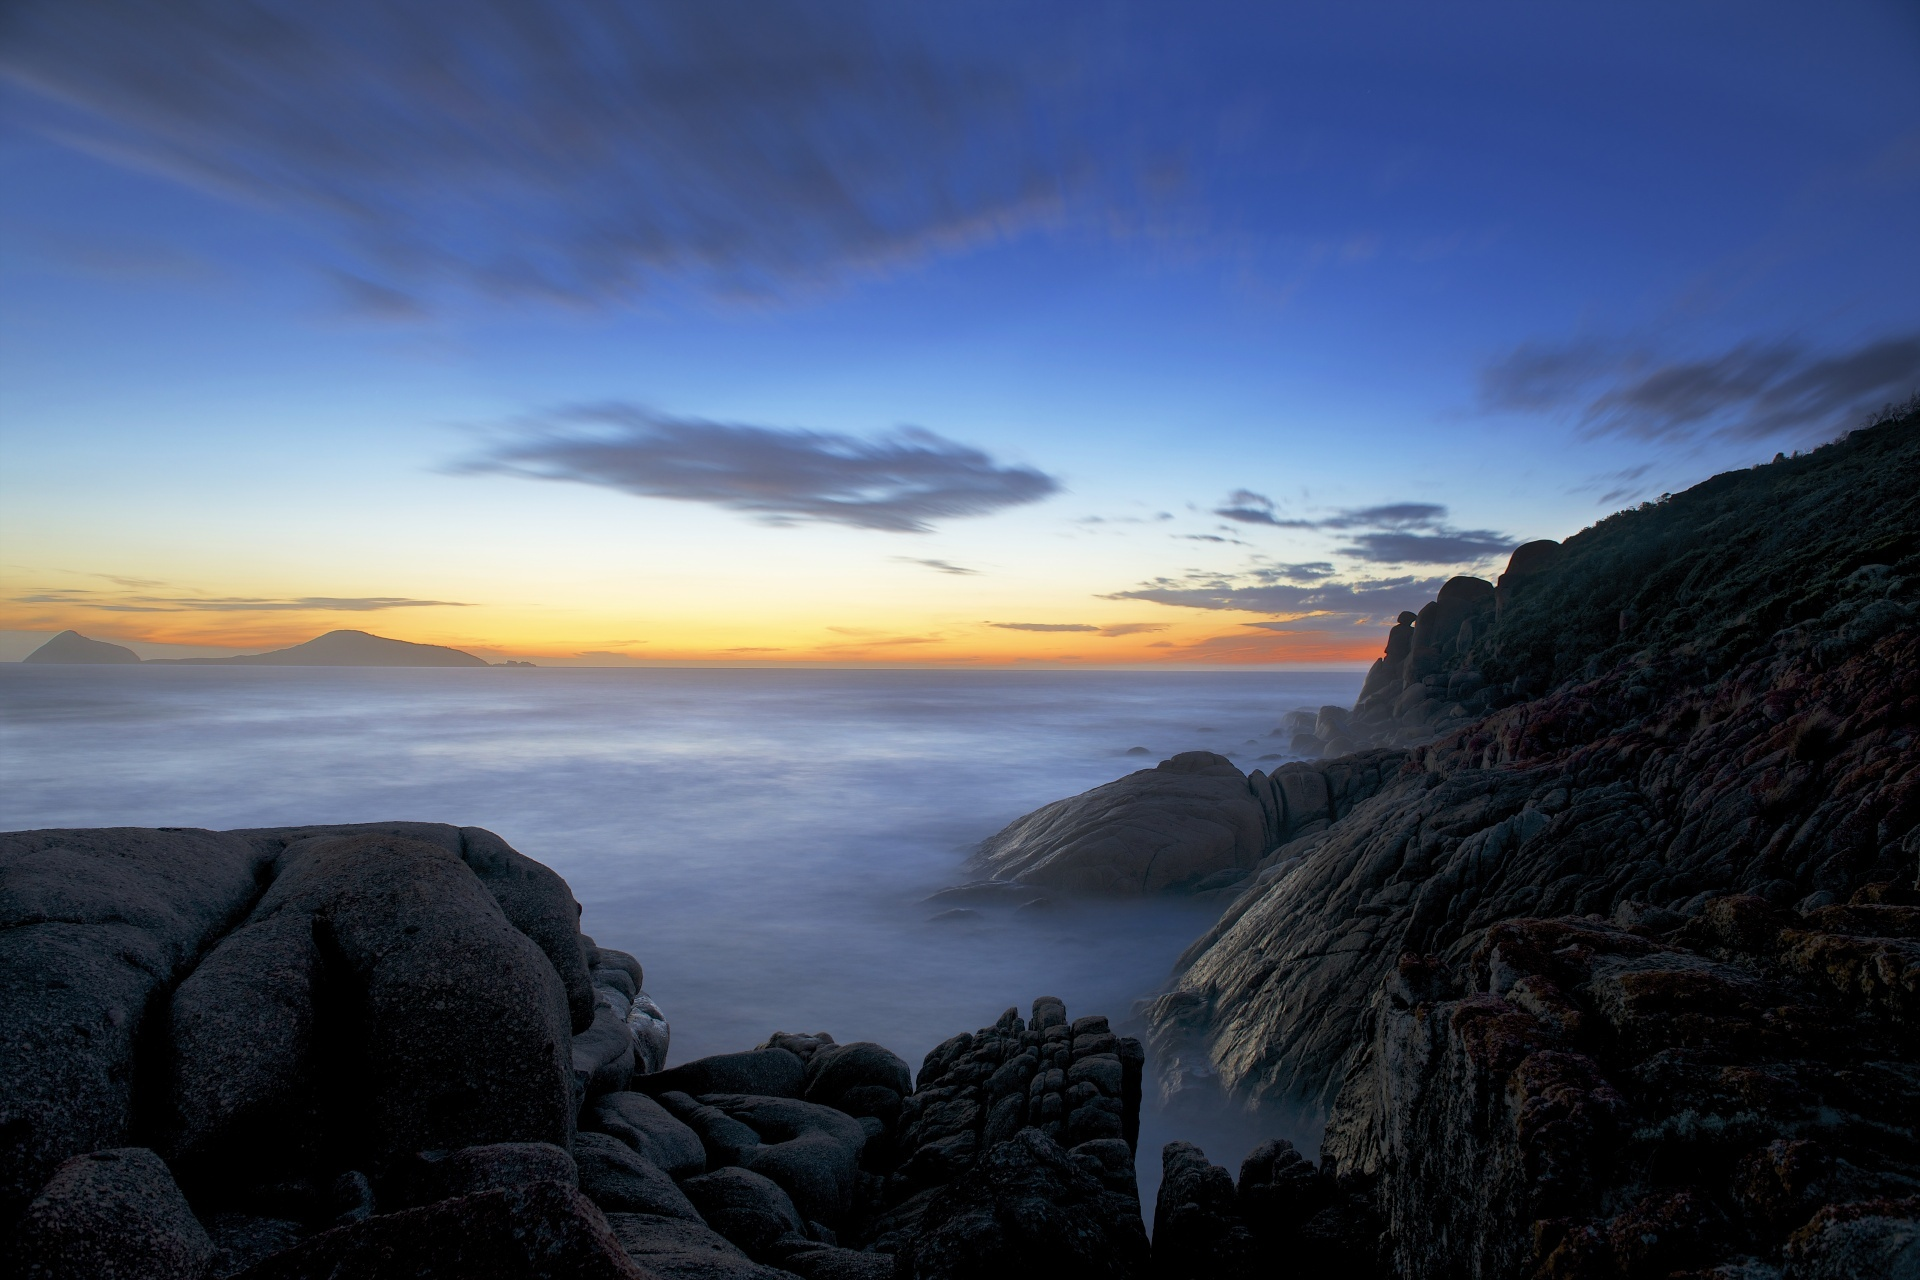 ウィルソンズ・プロモントリー国立公園 オーストラリアの風景